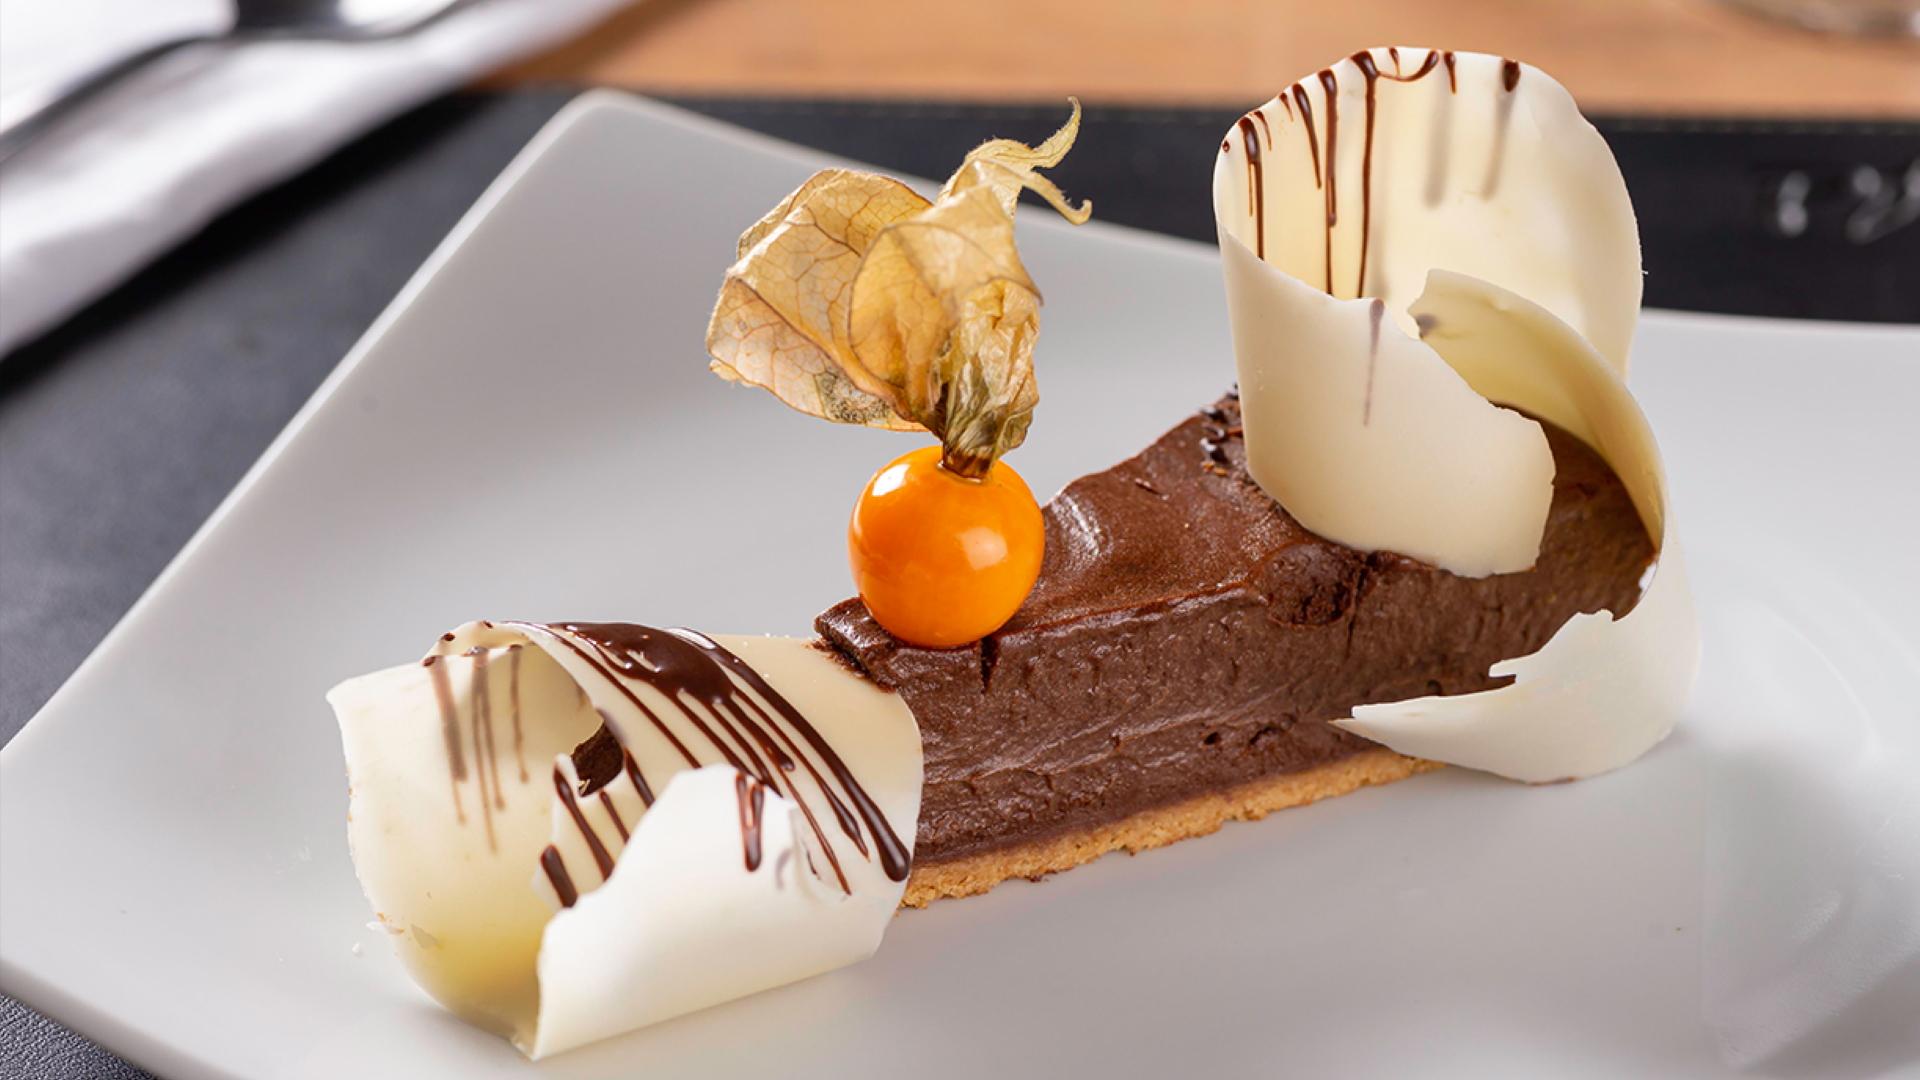 A Torta Mousse é um dos destaques do menu de sobremesas do Pimenta Brasserie.